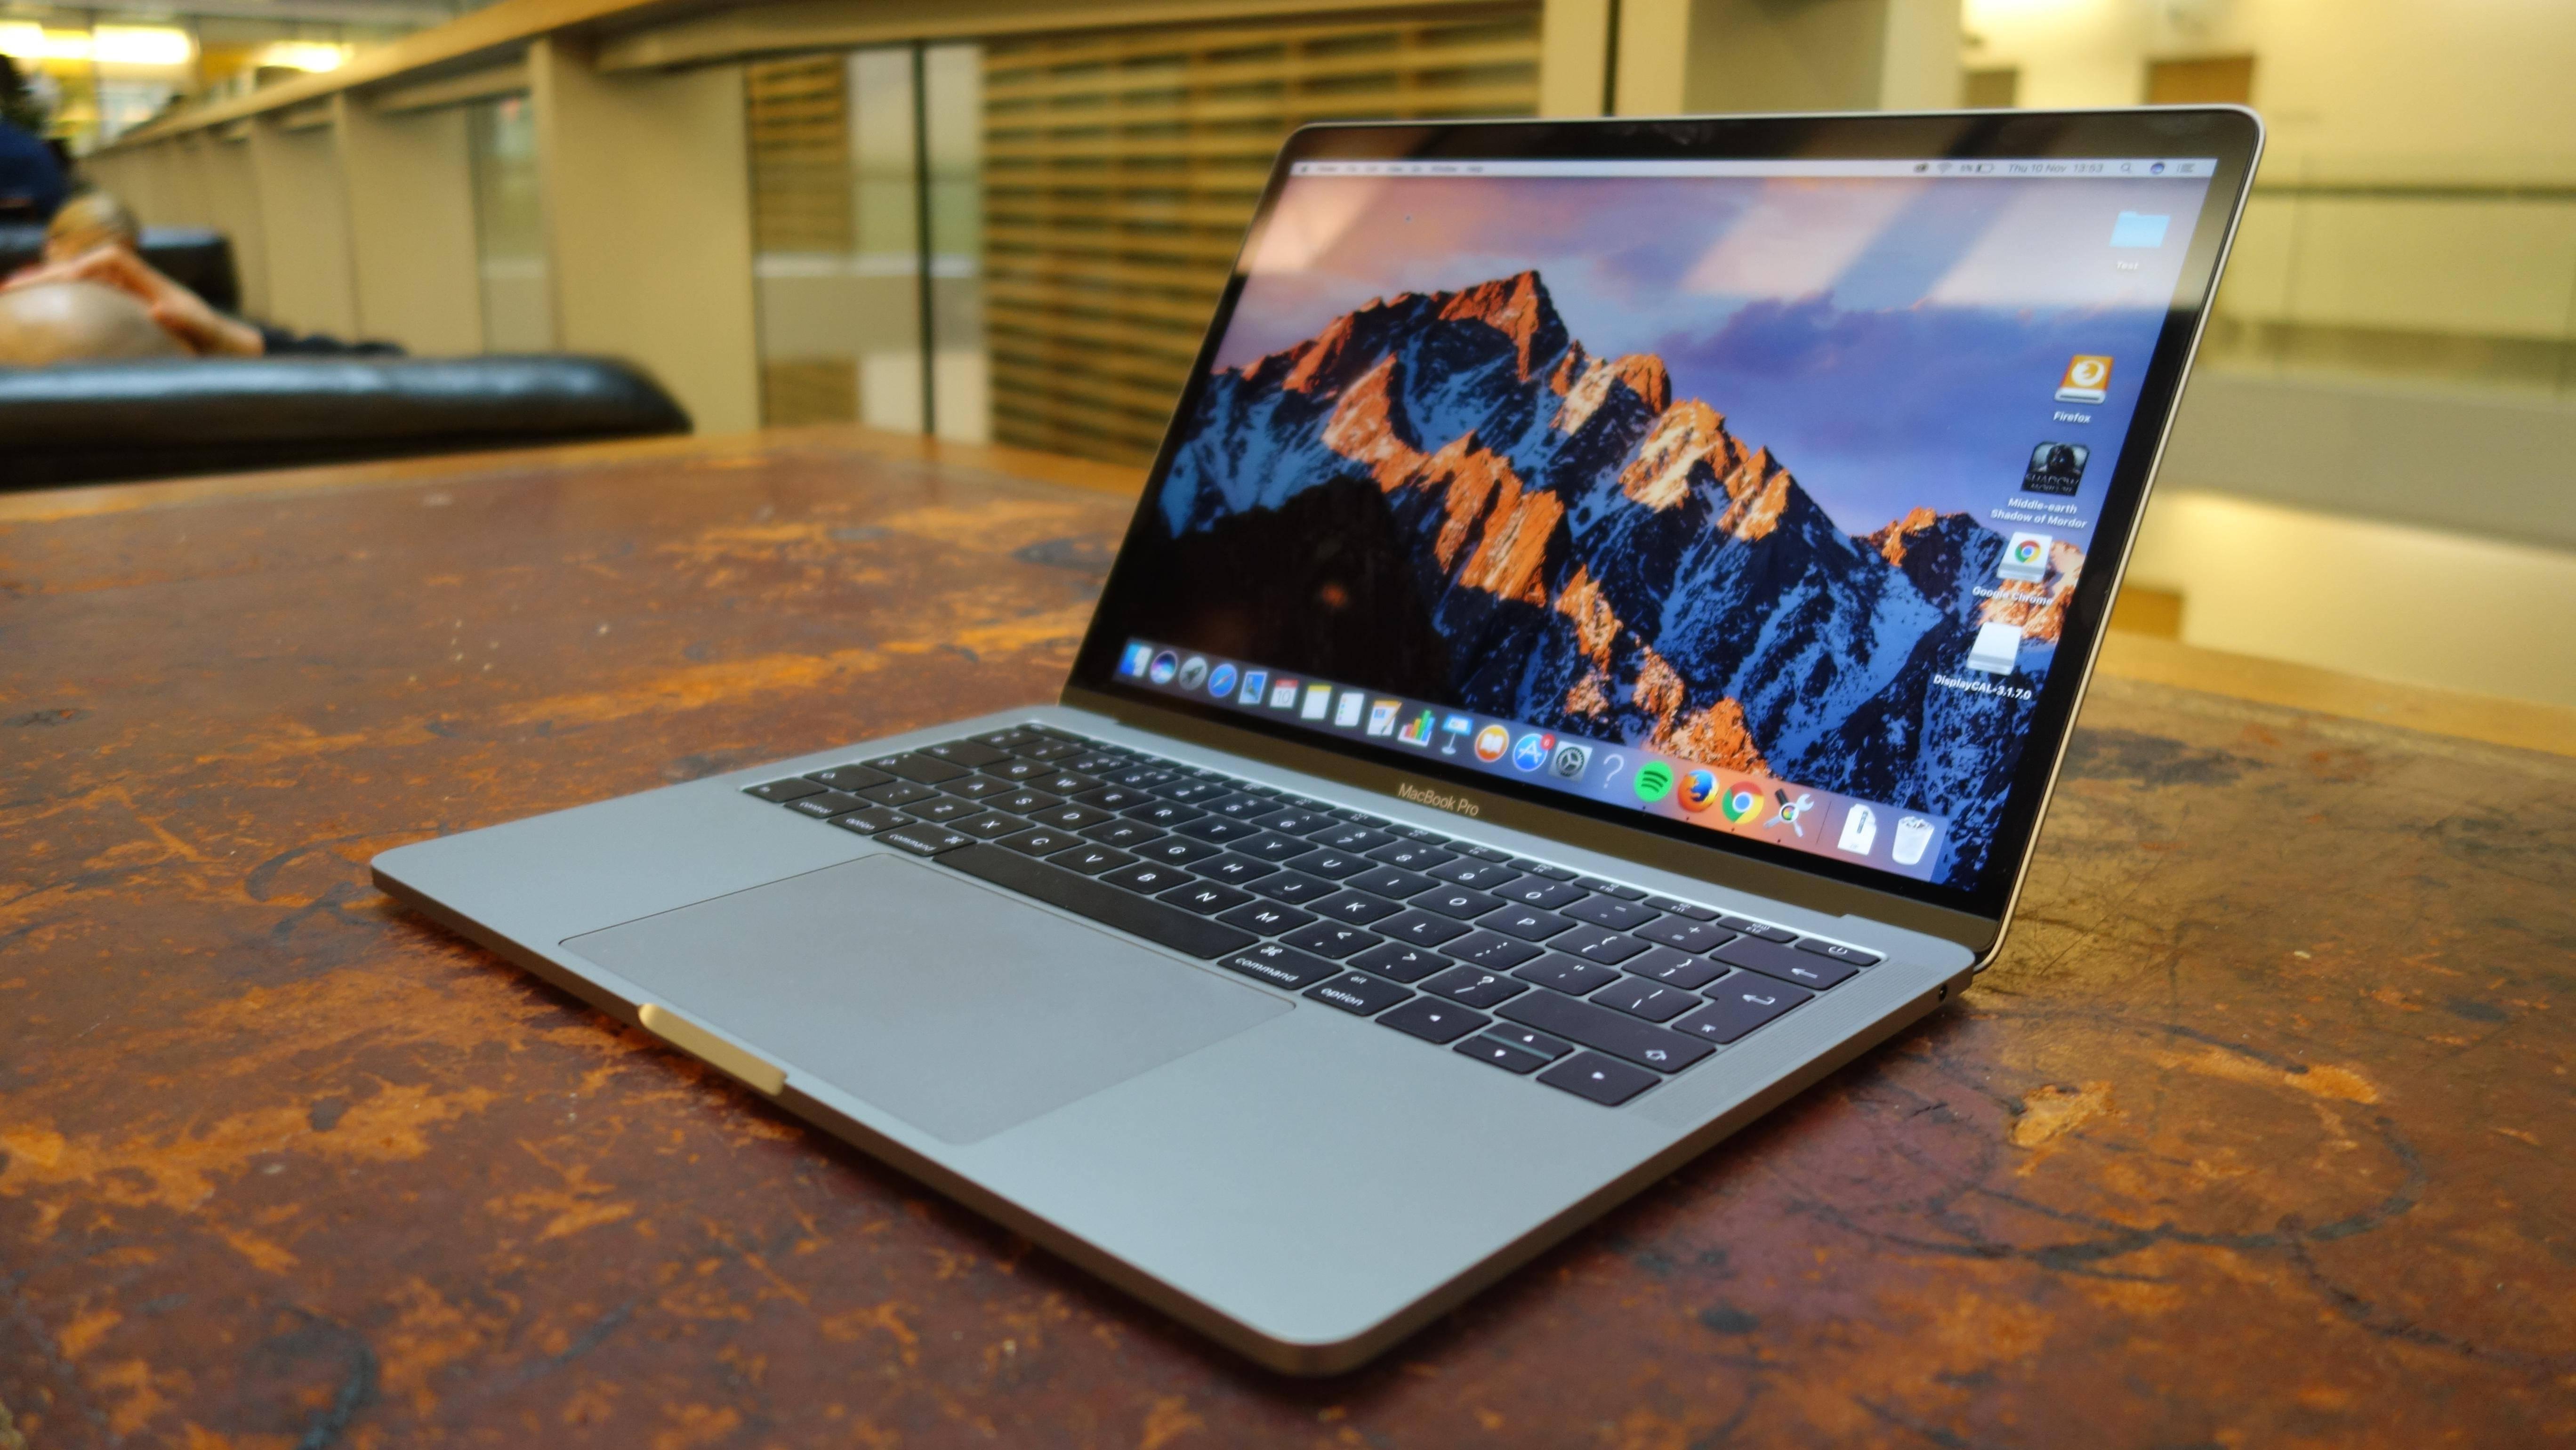 多人反映MacBook Pro充不进电:换电池也没用?